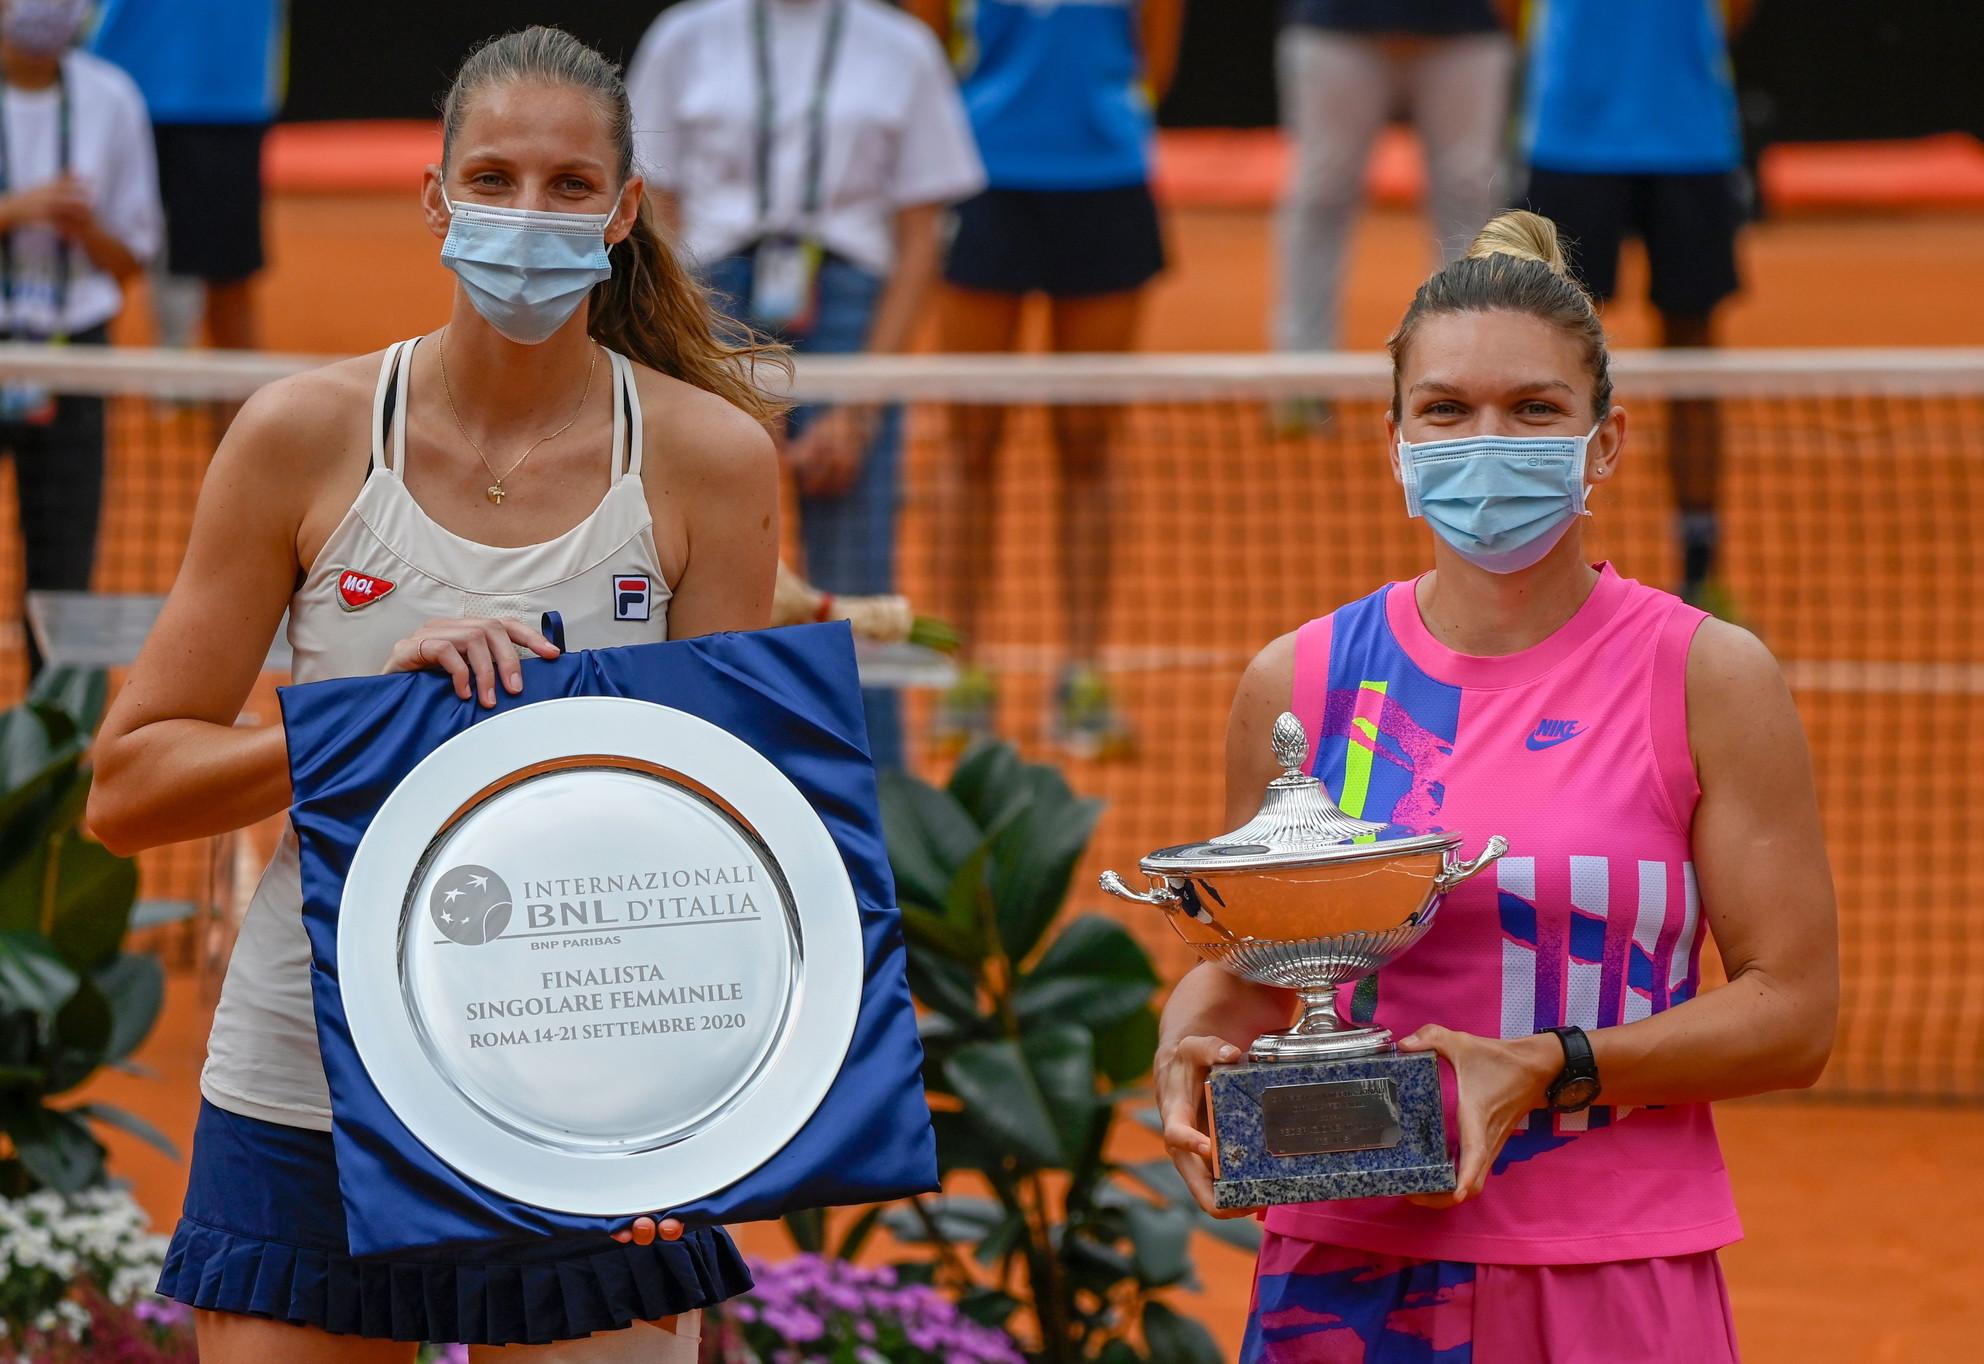 Nel 2020, infine, ecco il tanto agognato primo trionfo sulla terra rossa romana per Simona Halep, che ha avuto la meglio sulla ceca Pliskova costretta al forfait nel secondo set.